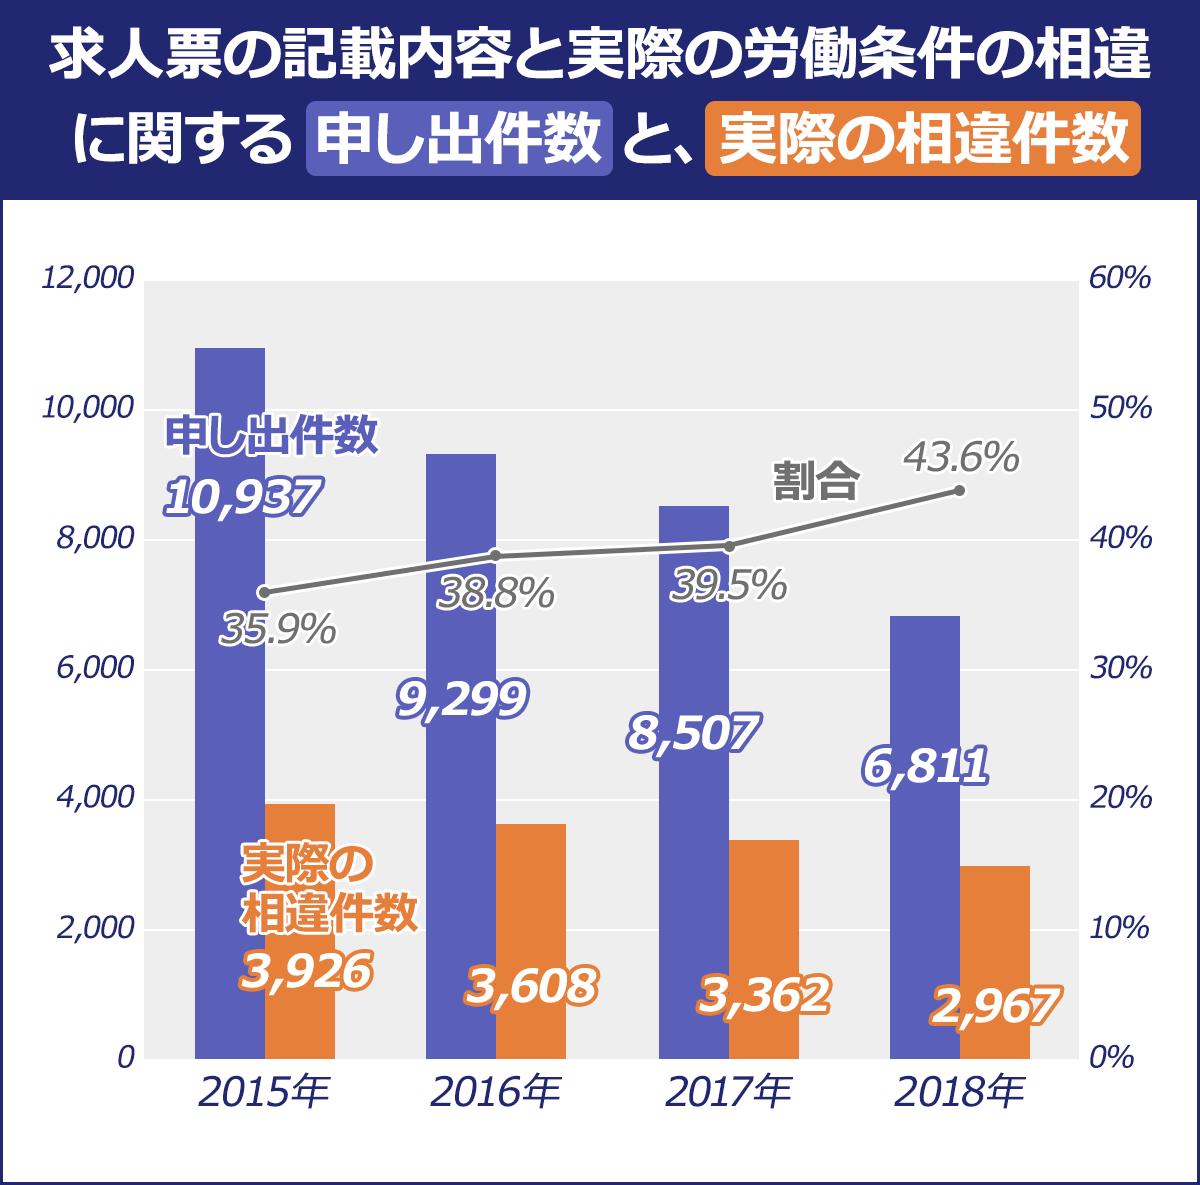 【求人票の記載内容と実際の労働条件の相違に関する申し出件数と、実際の相違件数】(実際の相違件数/申し出件数/割合) 2015年/3,926/10,937/35.9% |2016年/3,608/9,299/38.8% |2017年/3,362/8,507/39.5% |2018年/2,967/6,811/43.6%